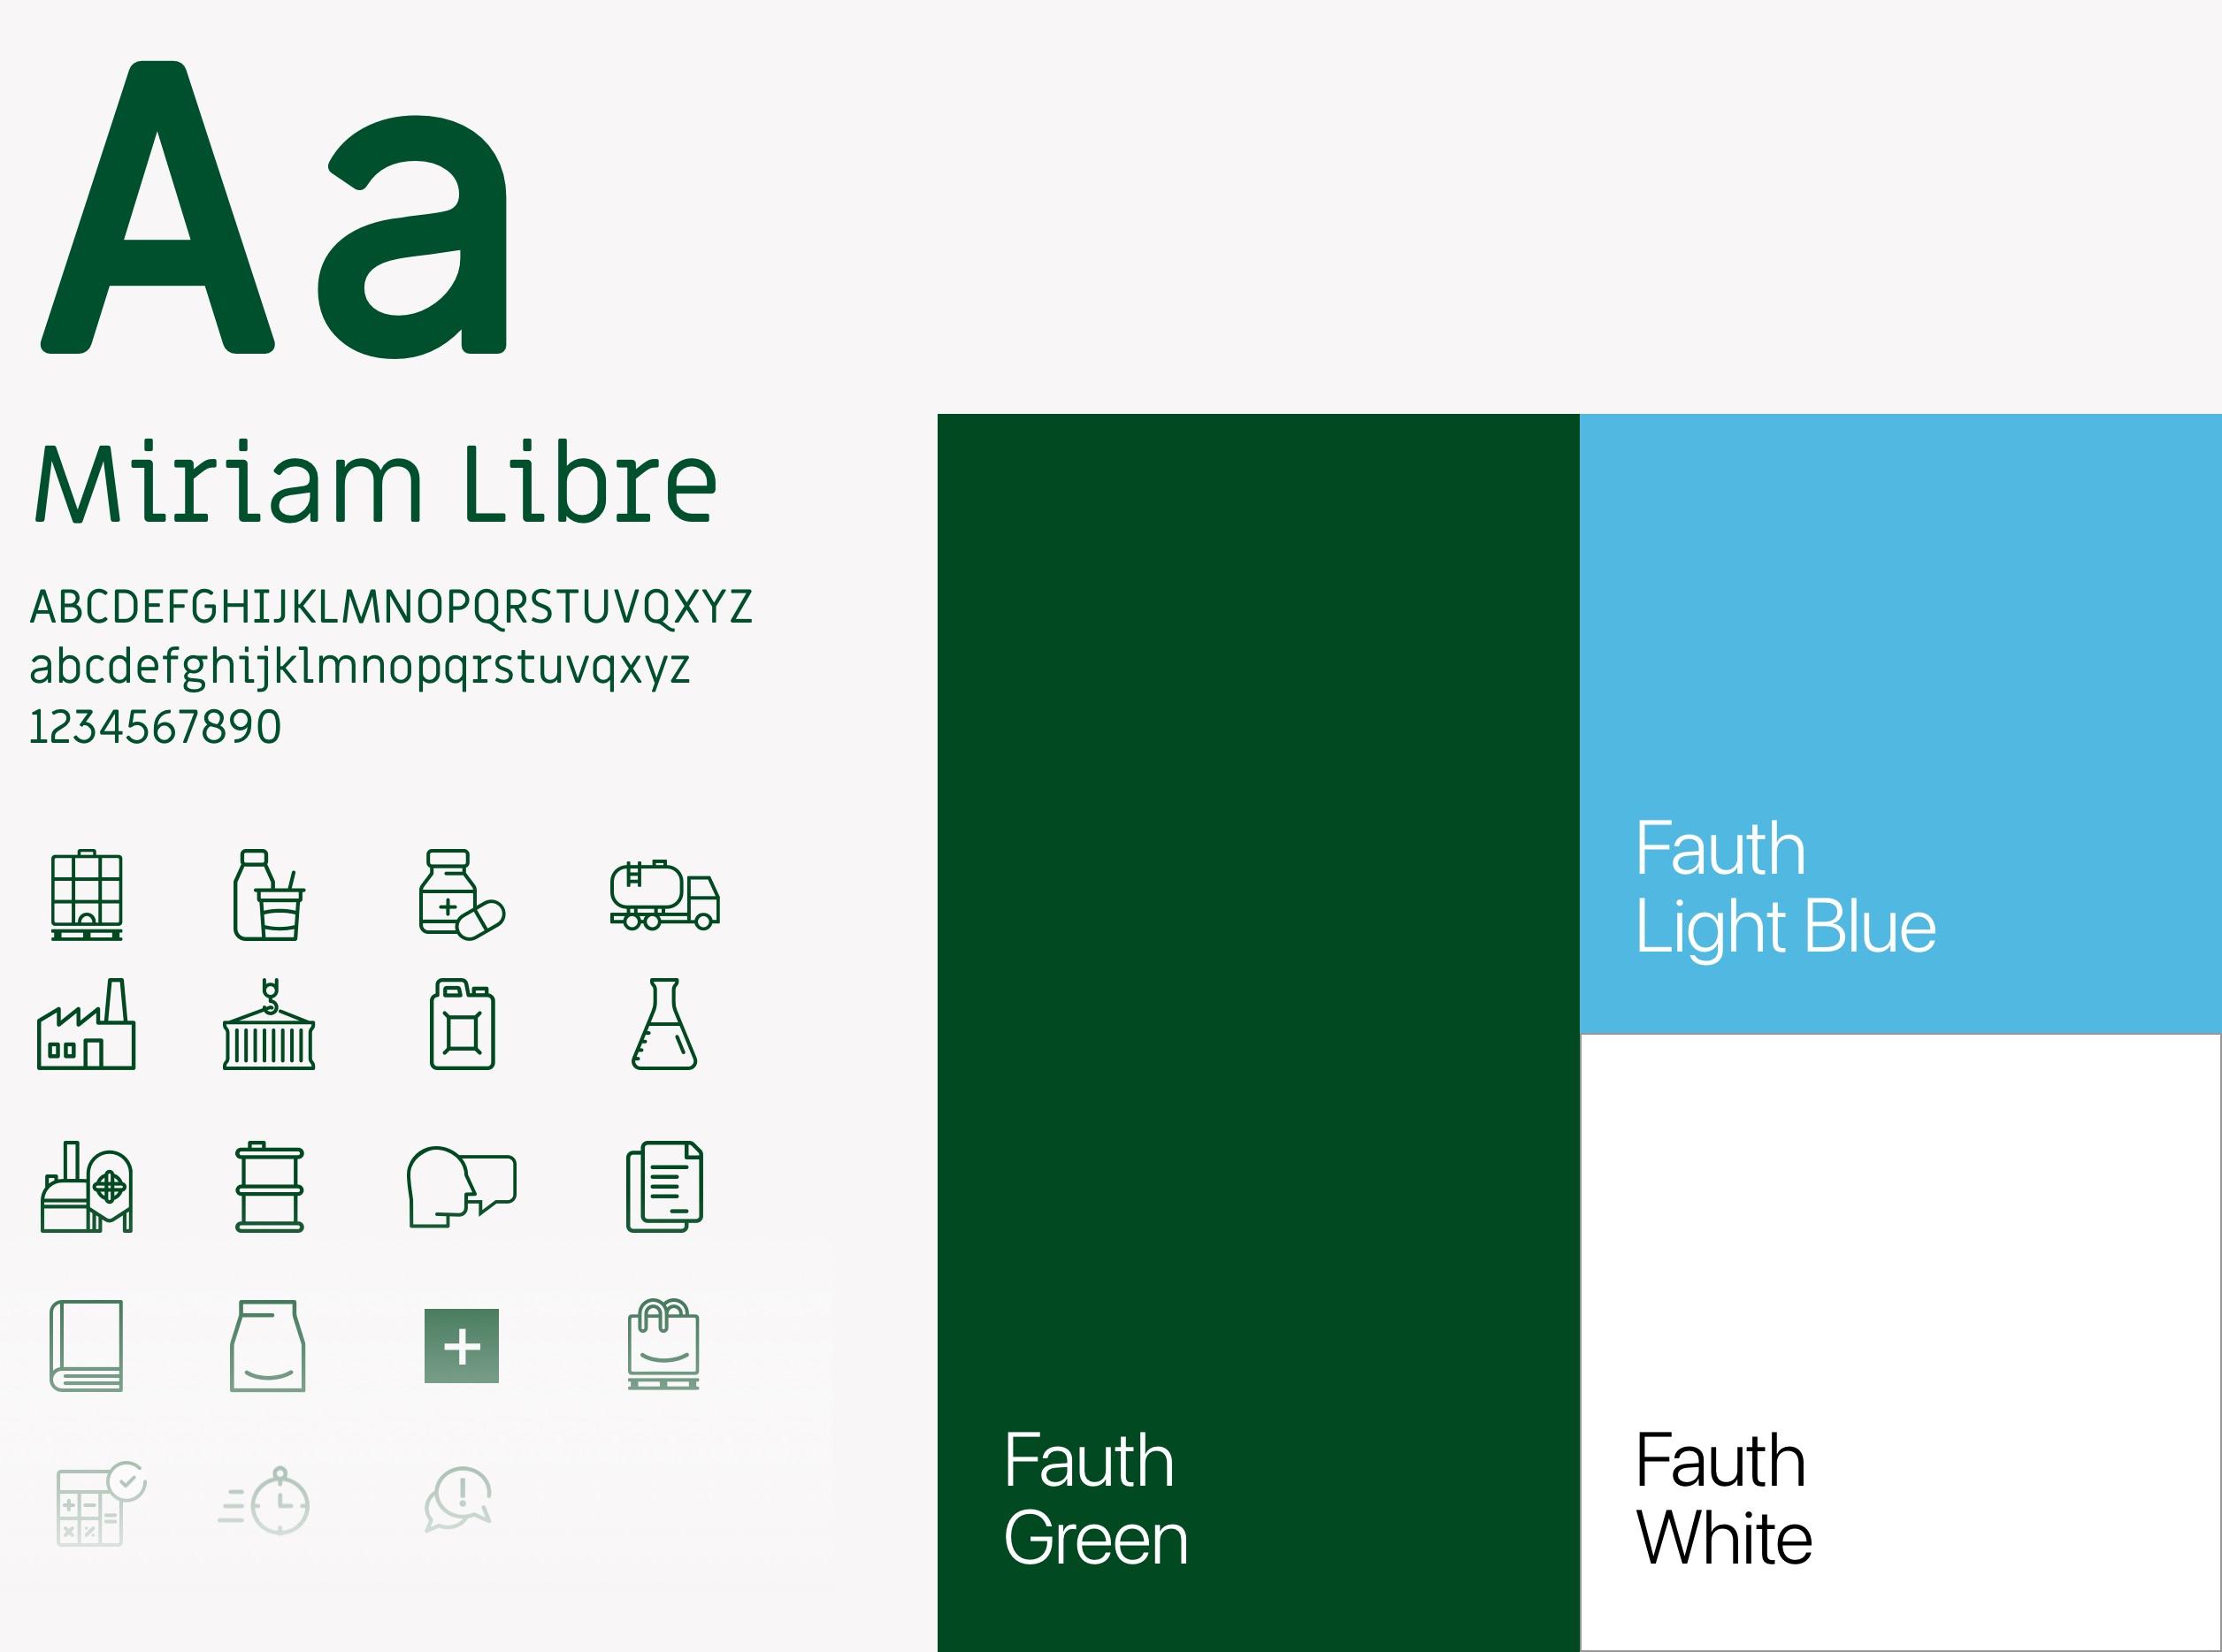 Fauth Chemie – neues Corporate Design: neue Typografie, Iconset, Farbklima